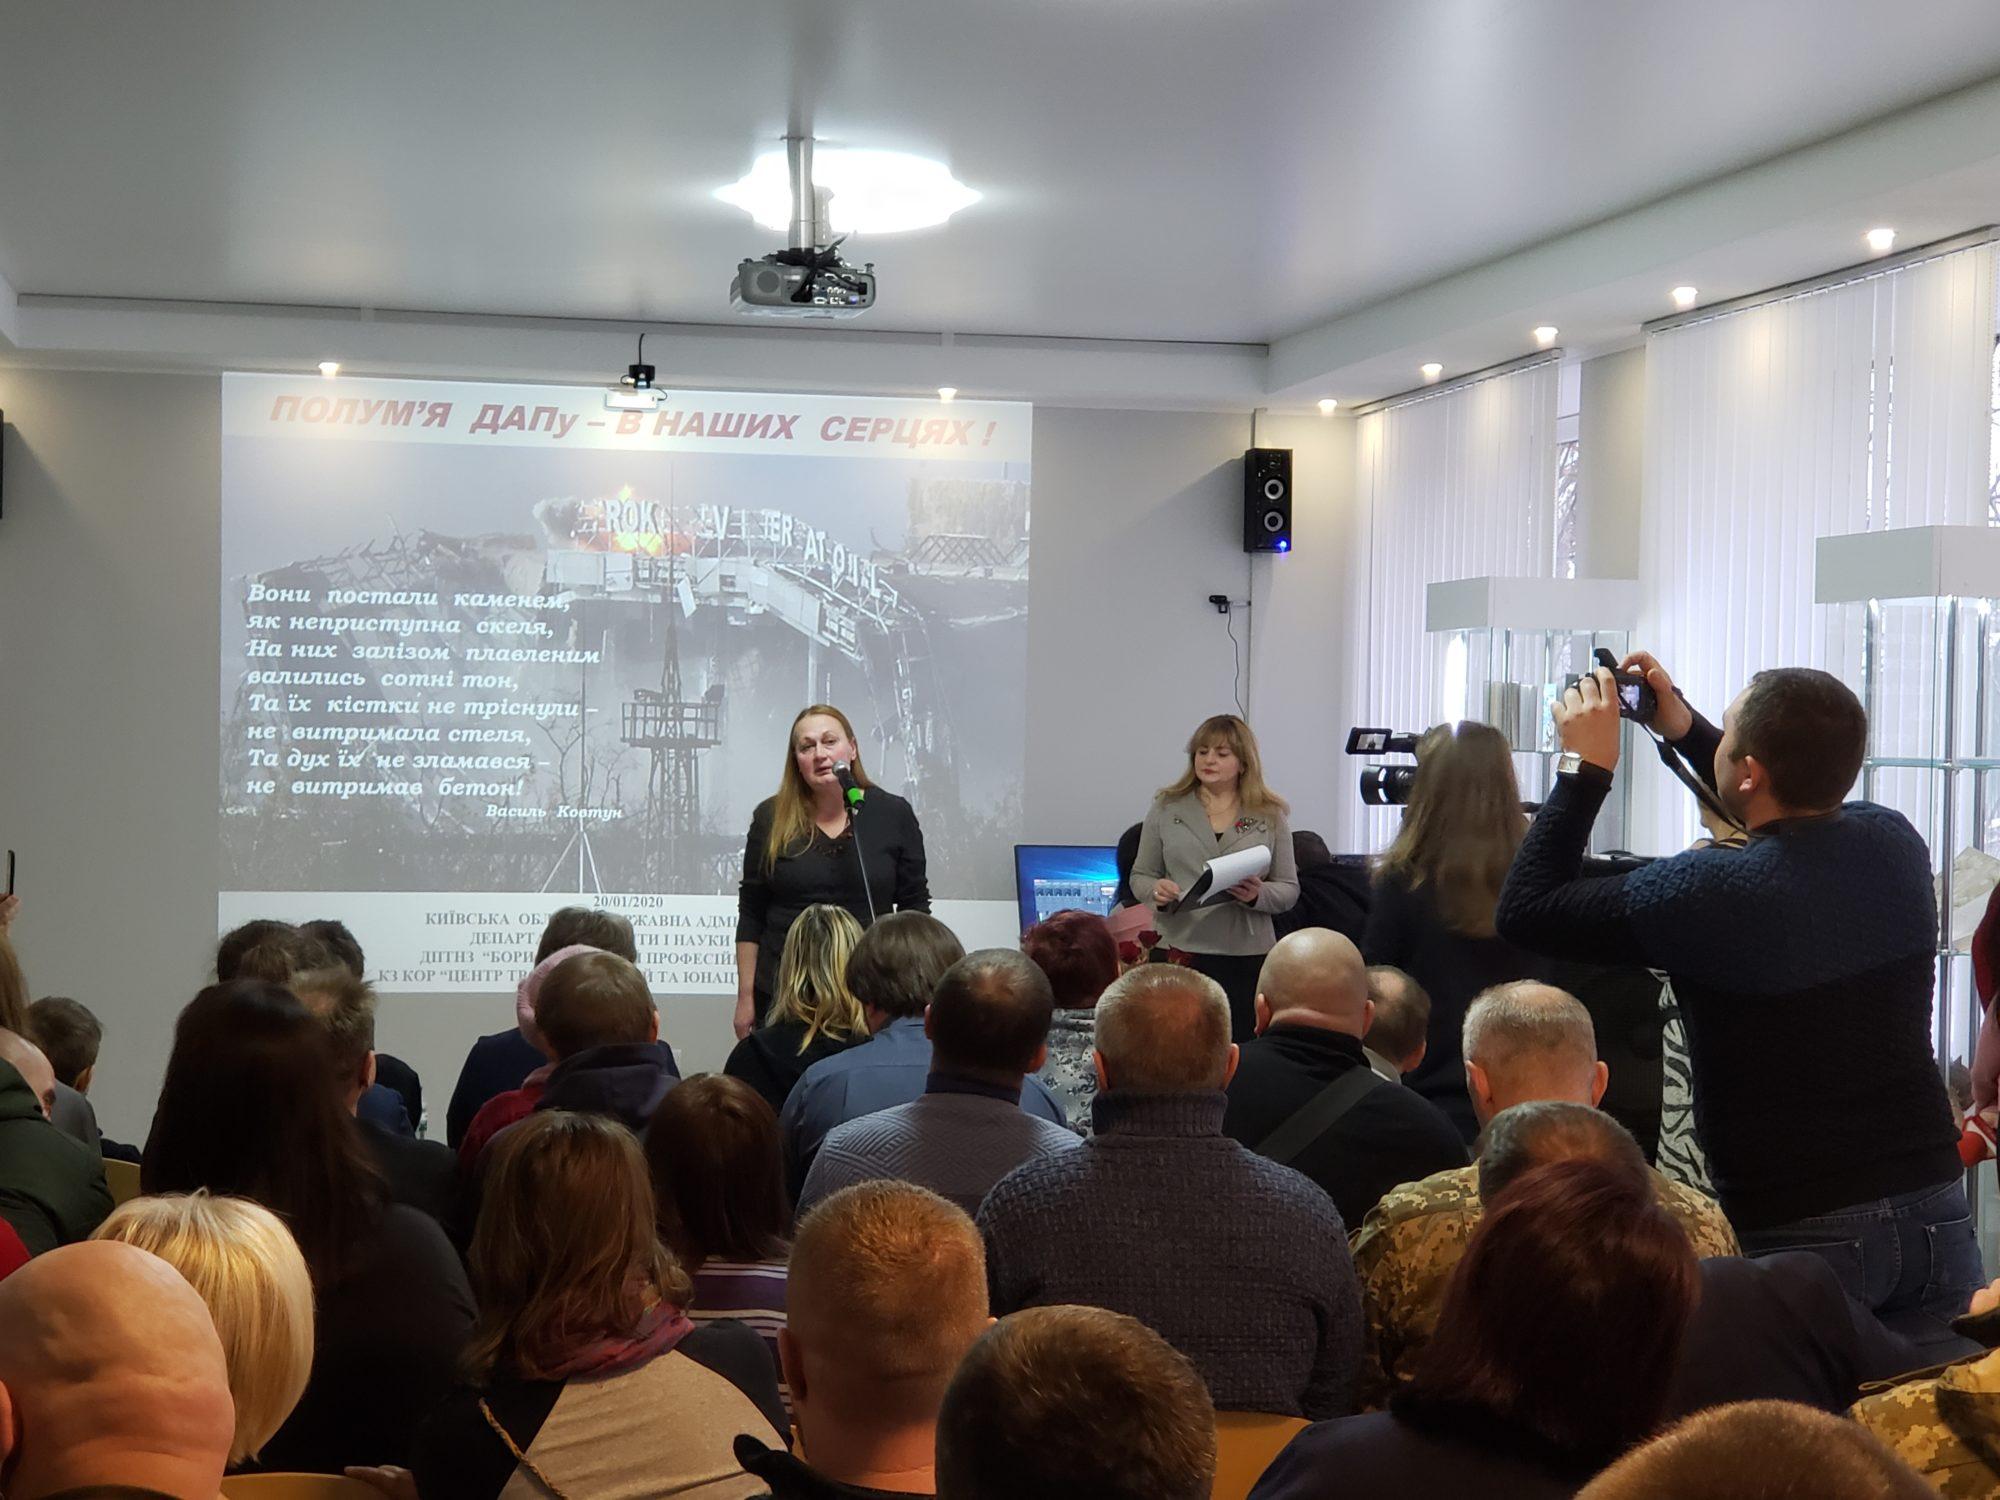 """20200120_143601-2000x1500 """"Полум'я ДАПу - в наших серцях"""": у Борисполі вшанували воїнів-""""кіборгів"""""""